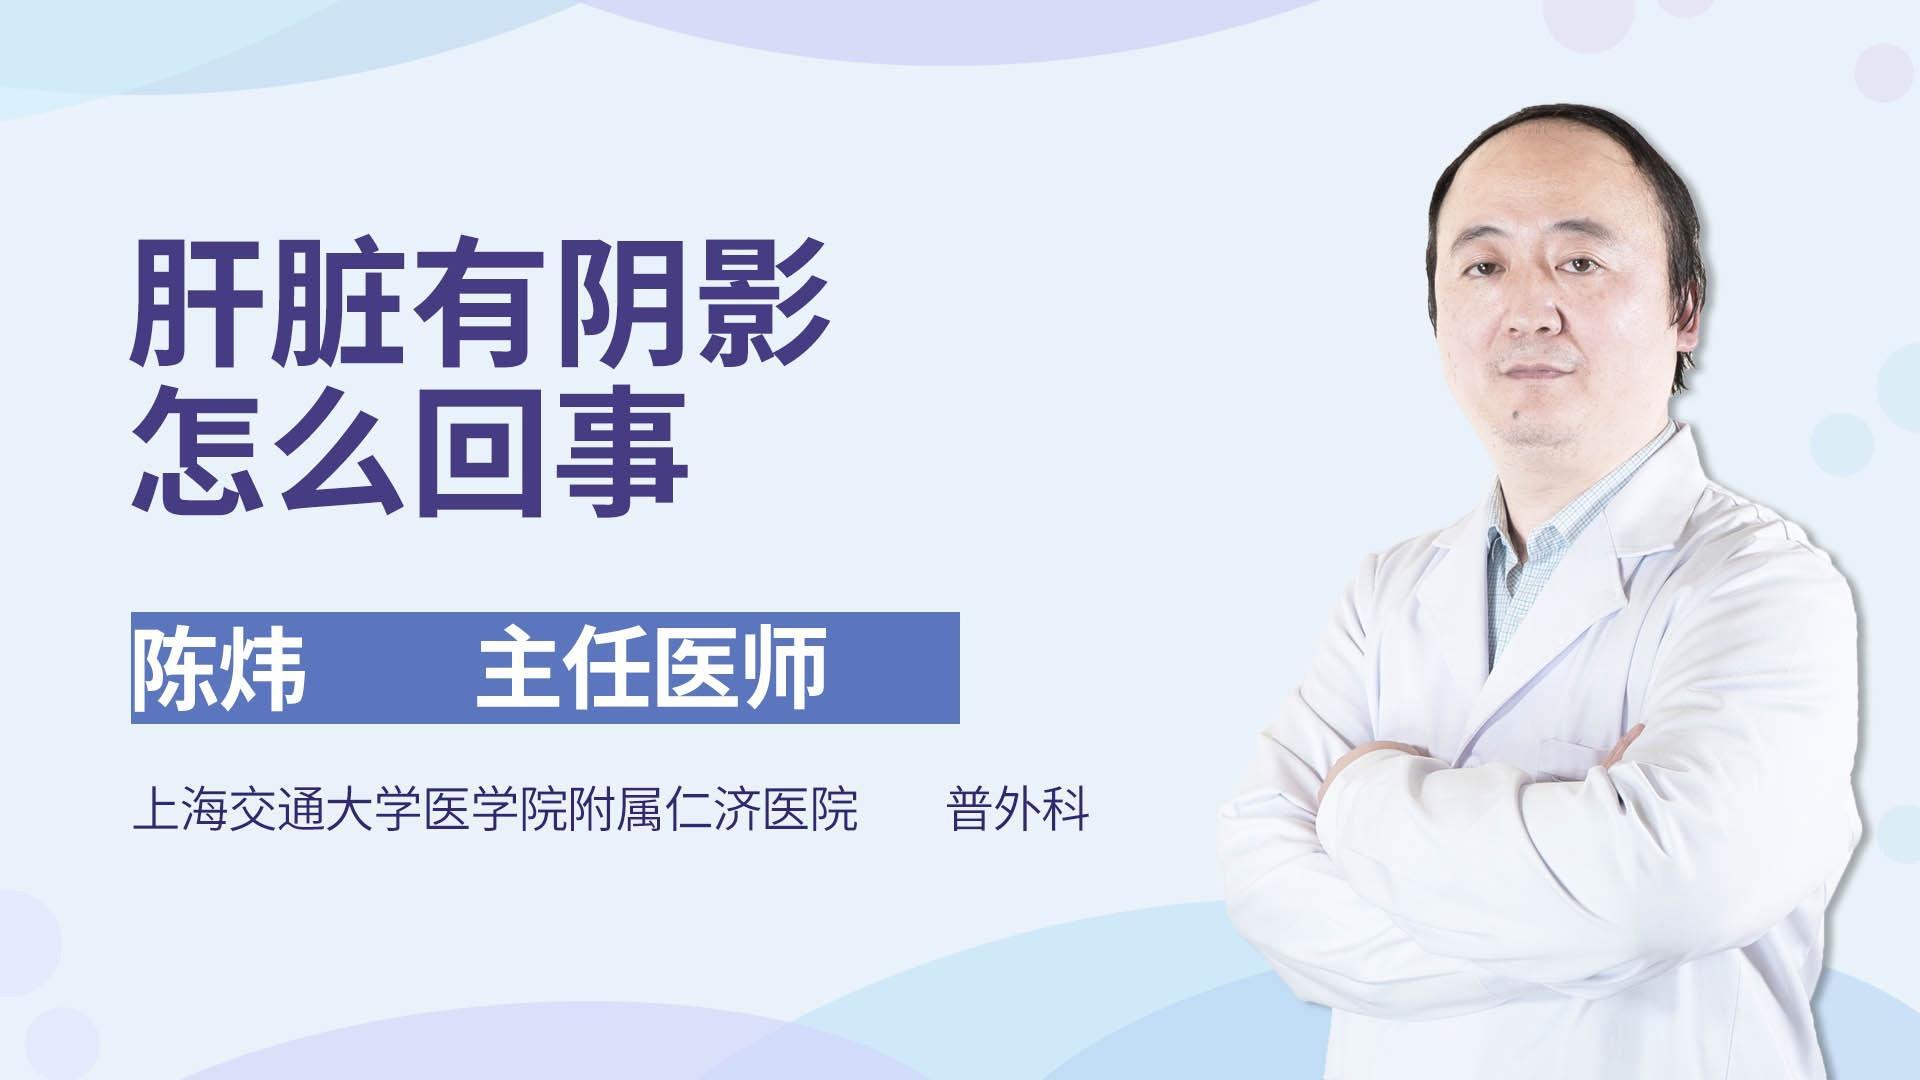 肝脏增大是怎么回事_肝囊肿能中药改善吗_杏林普康